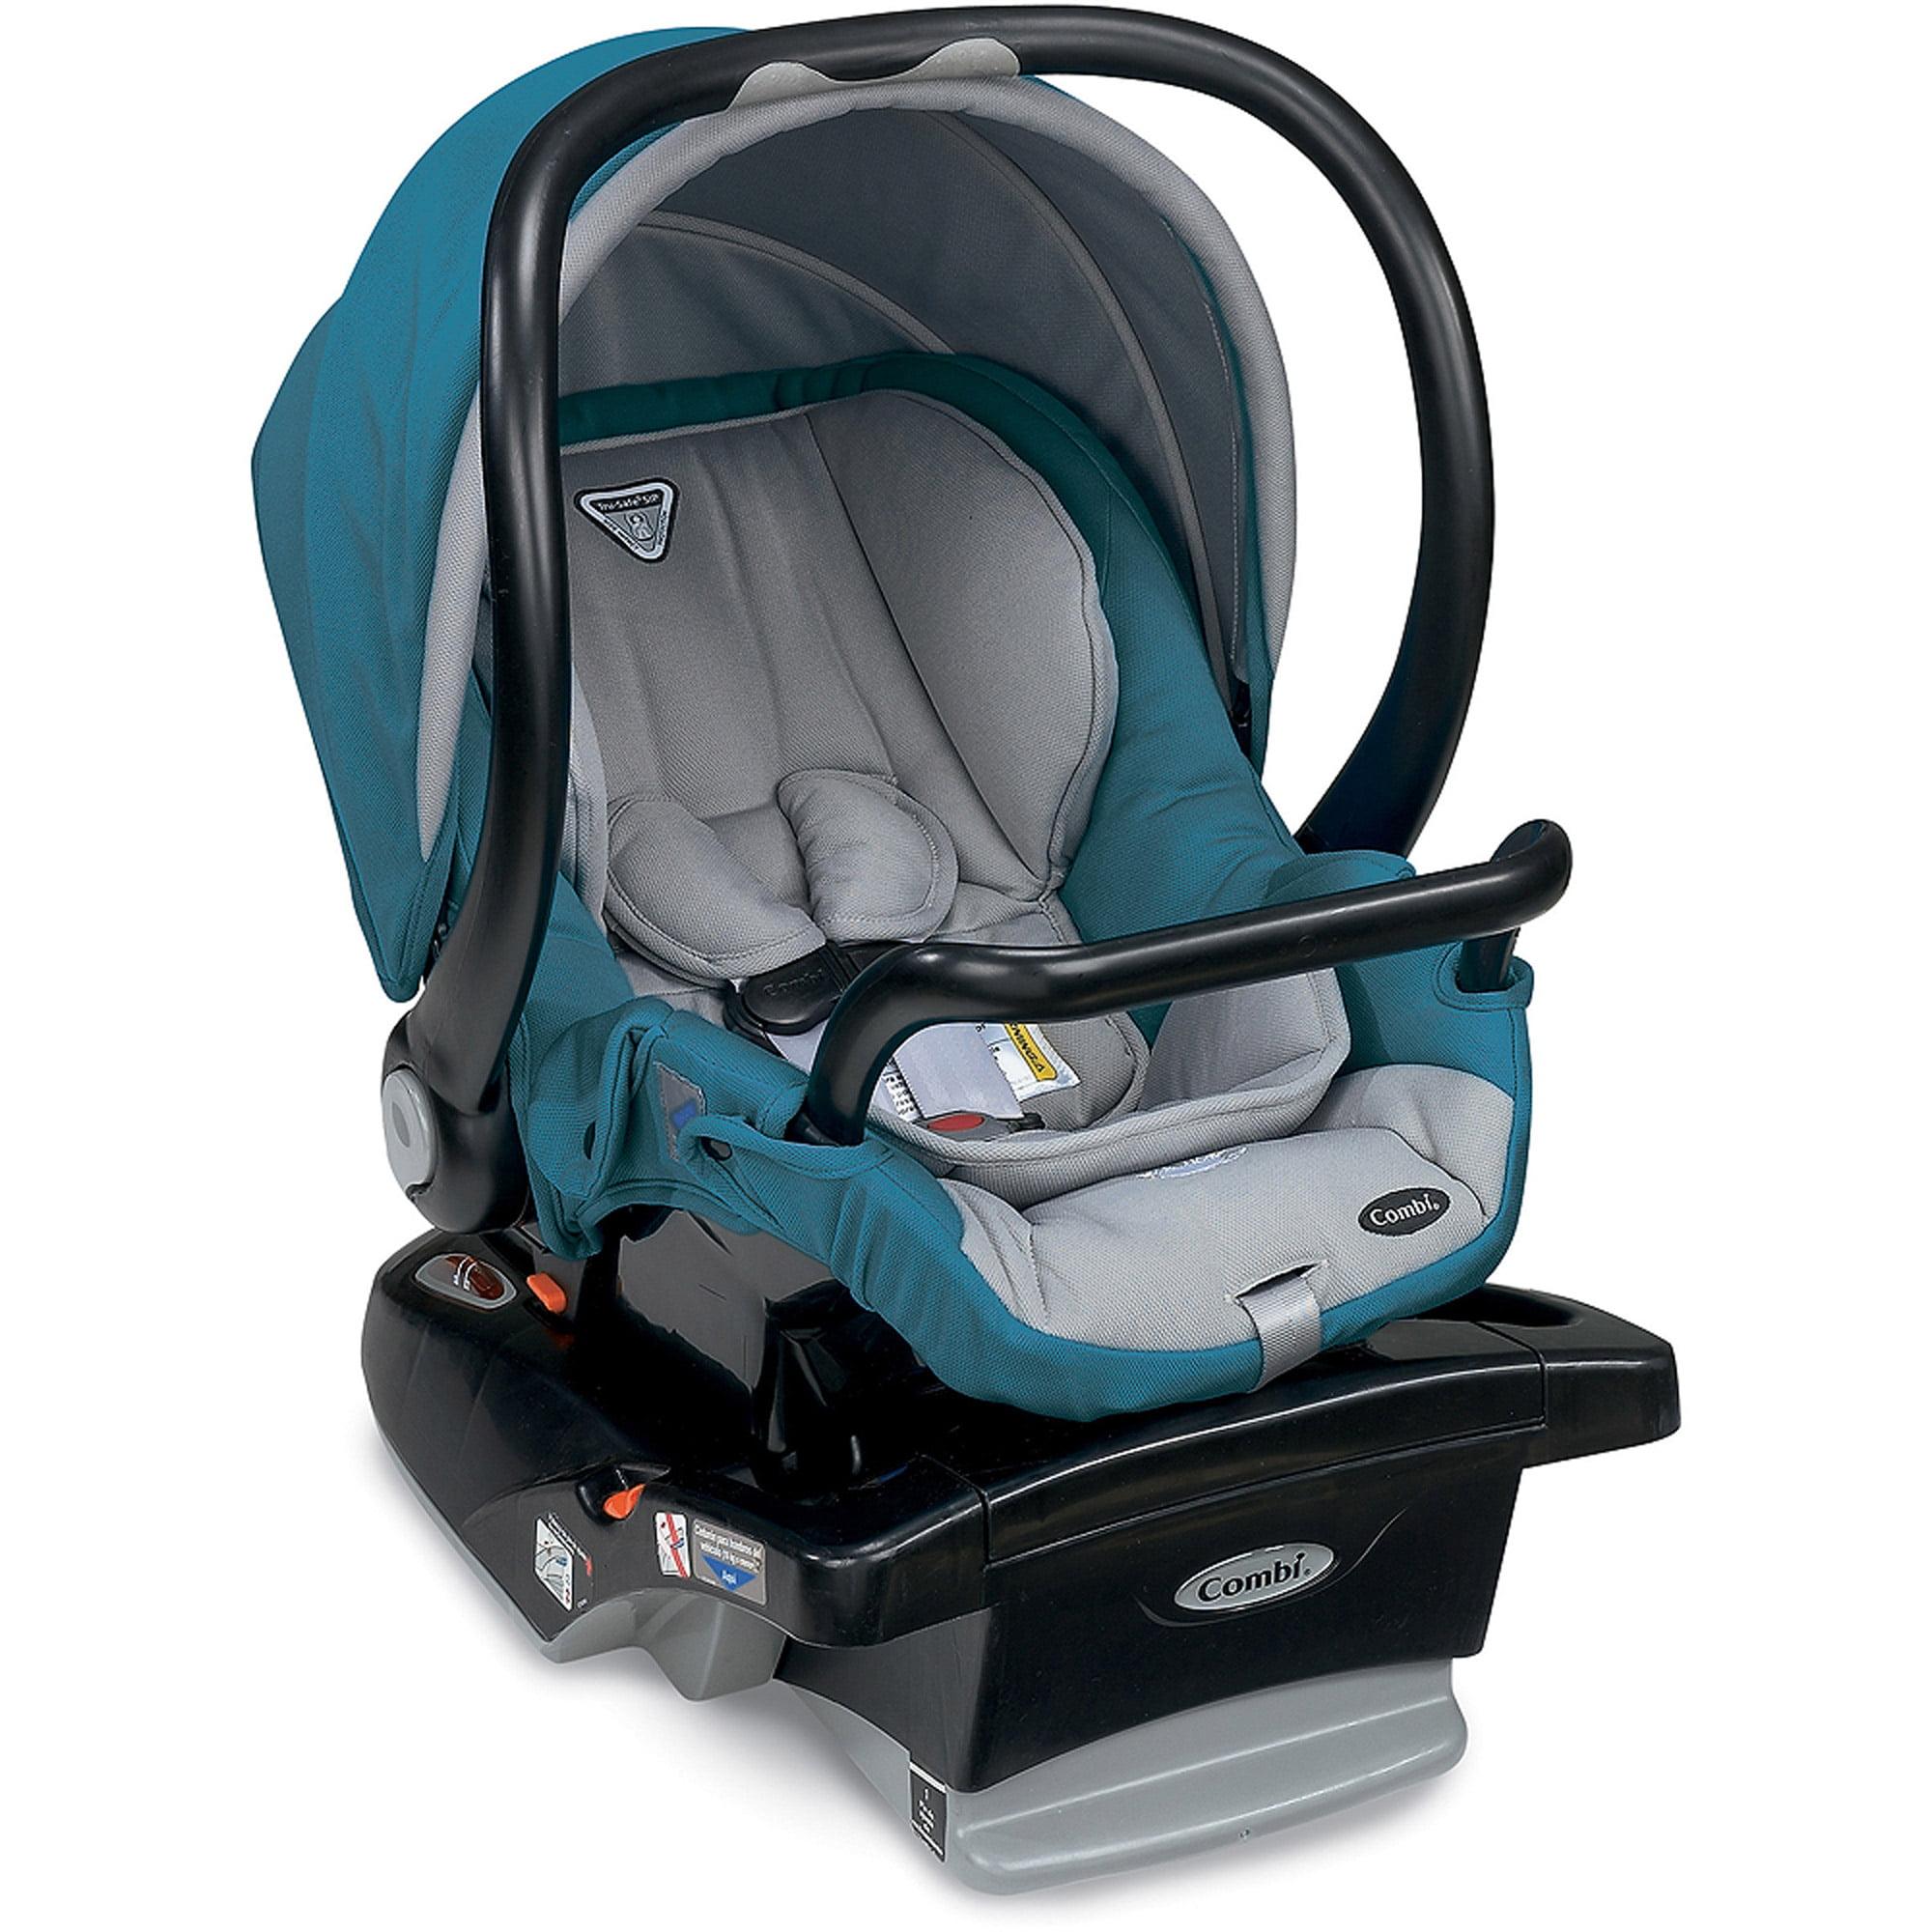 Combi Shuttle Infant Car Seat, Choose Your Color